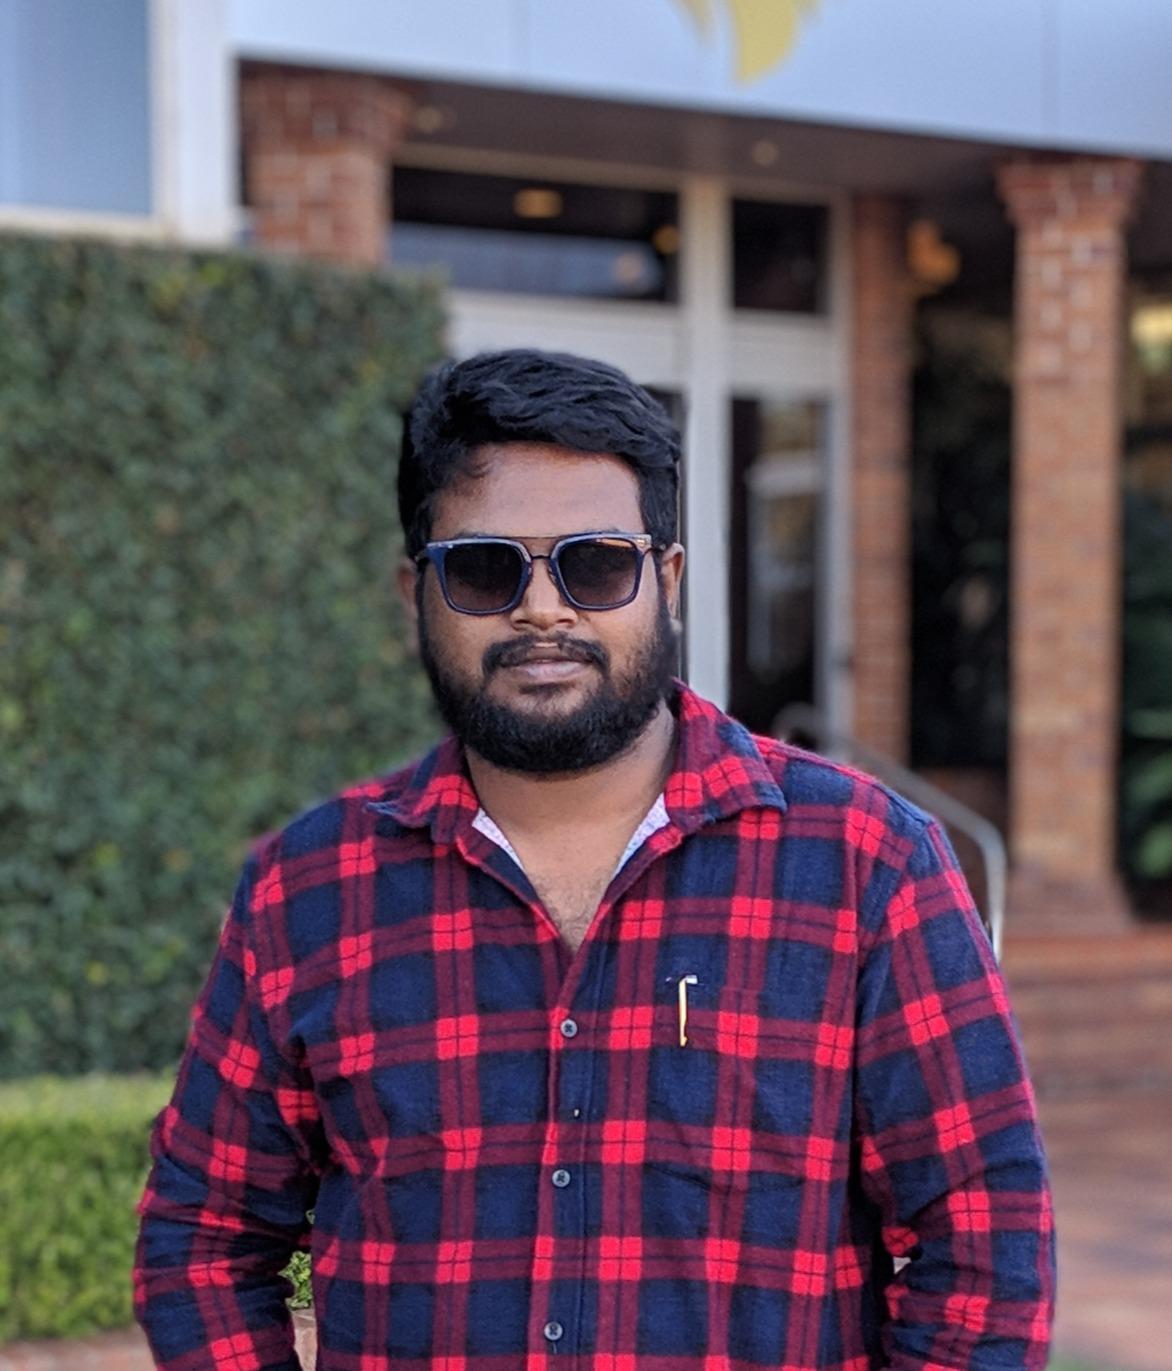 Nageshwaran Muthusamy Somasundaram